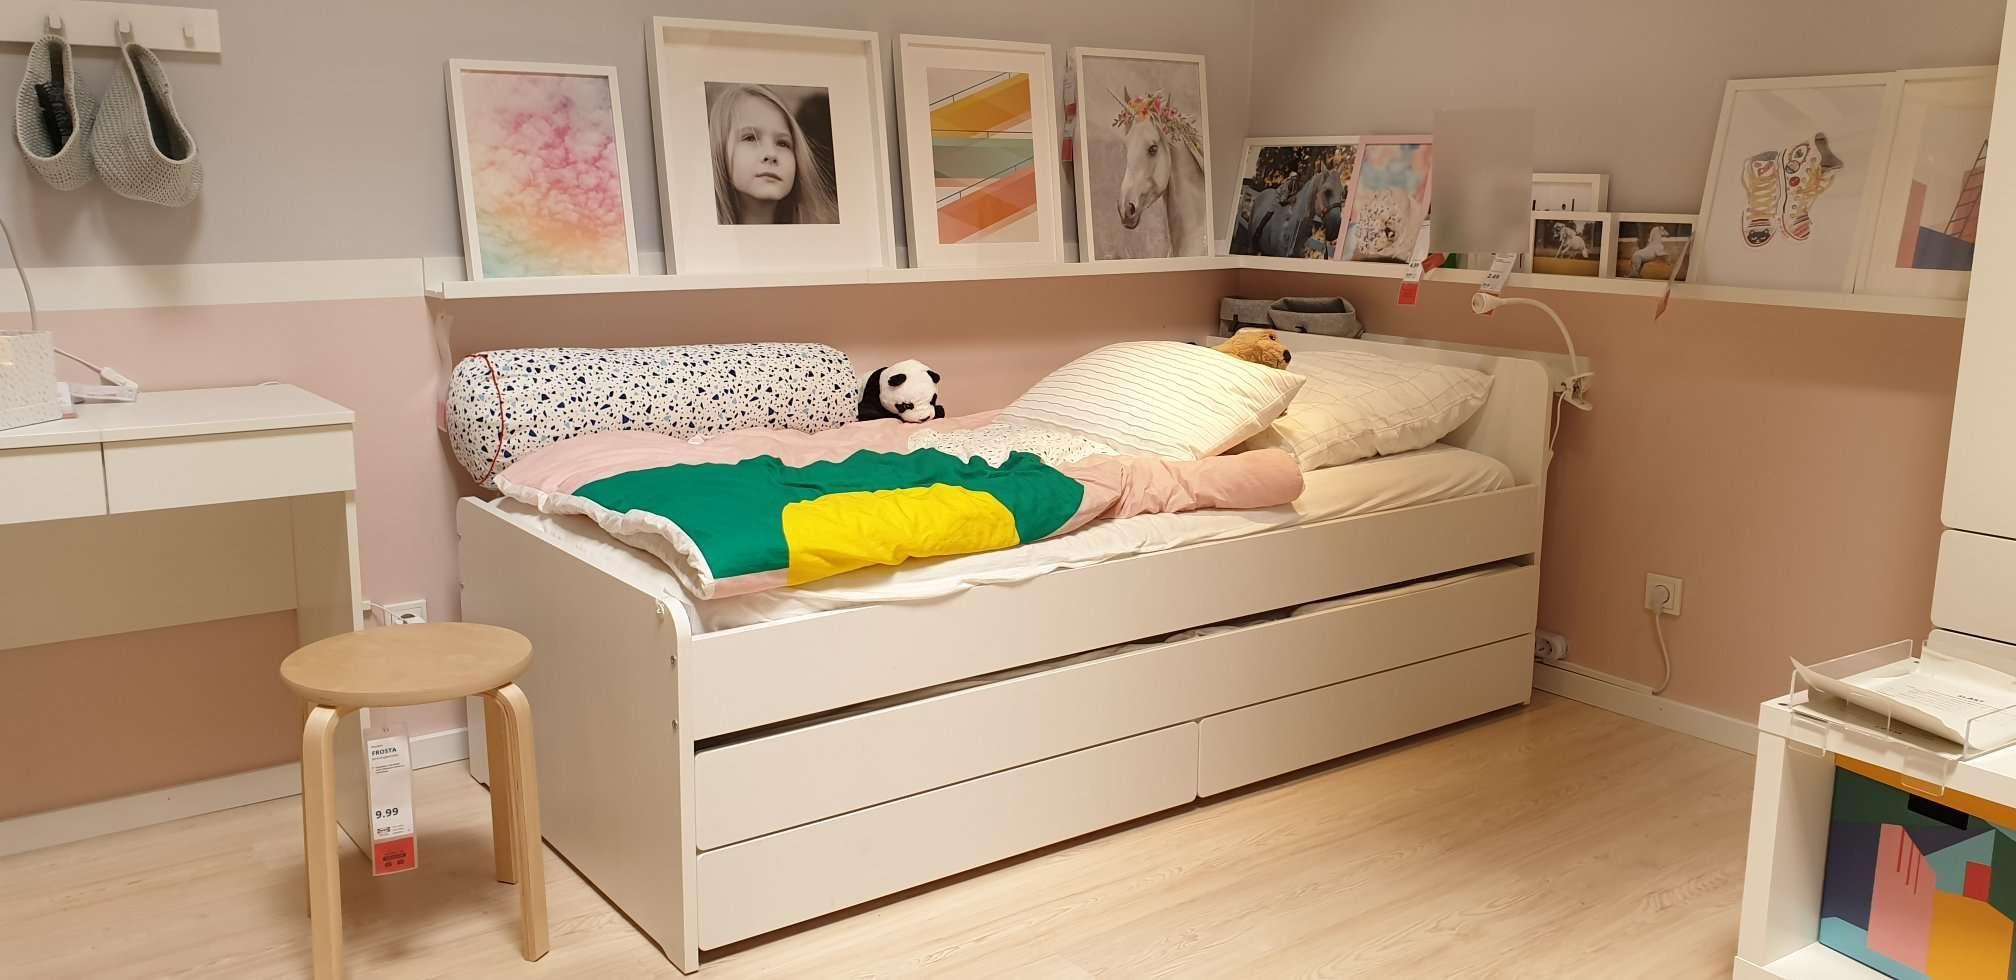 Slakt Bettgestell Unterbett Aufbewahrung Weiss Ikea Deutschland Ikea Jugendbett Kinderbett Junge Ikea Kinder